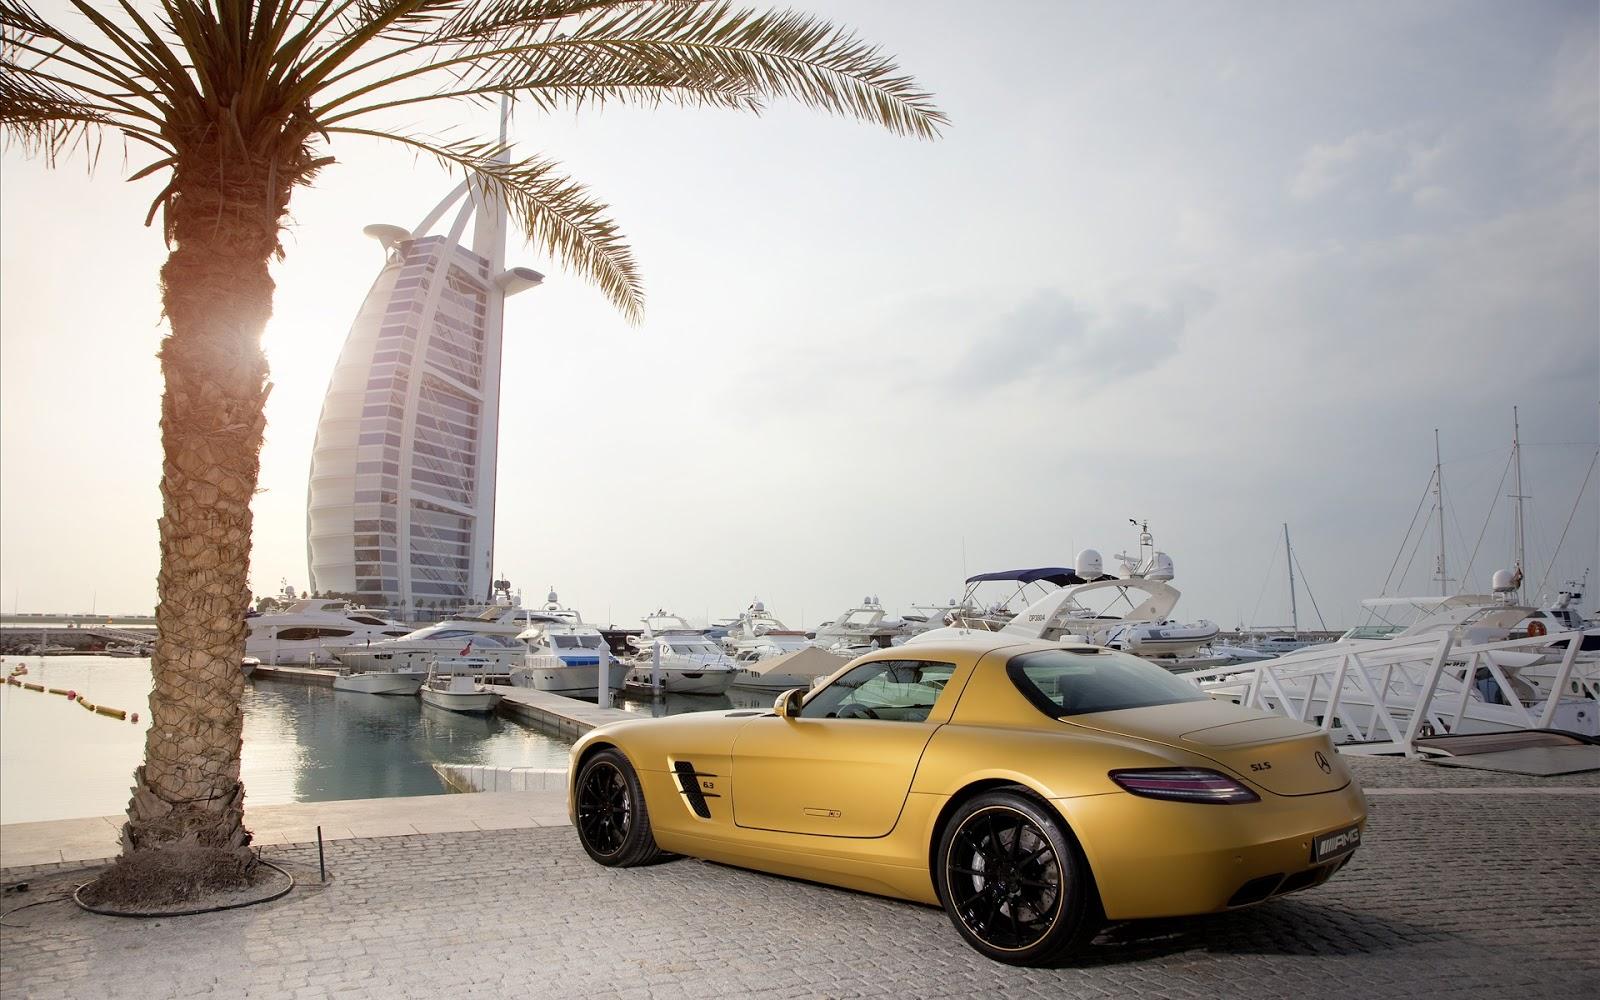 2010 Mercedes Benz SLS AMG Desert Gold 3 wallpaper